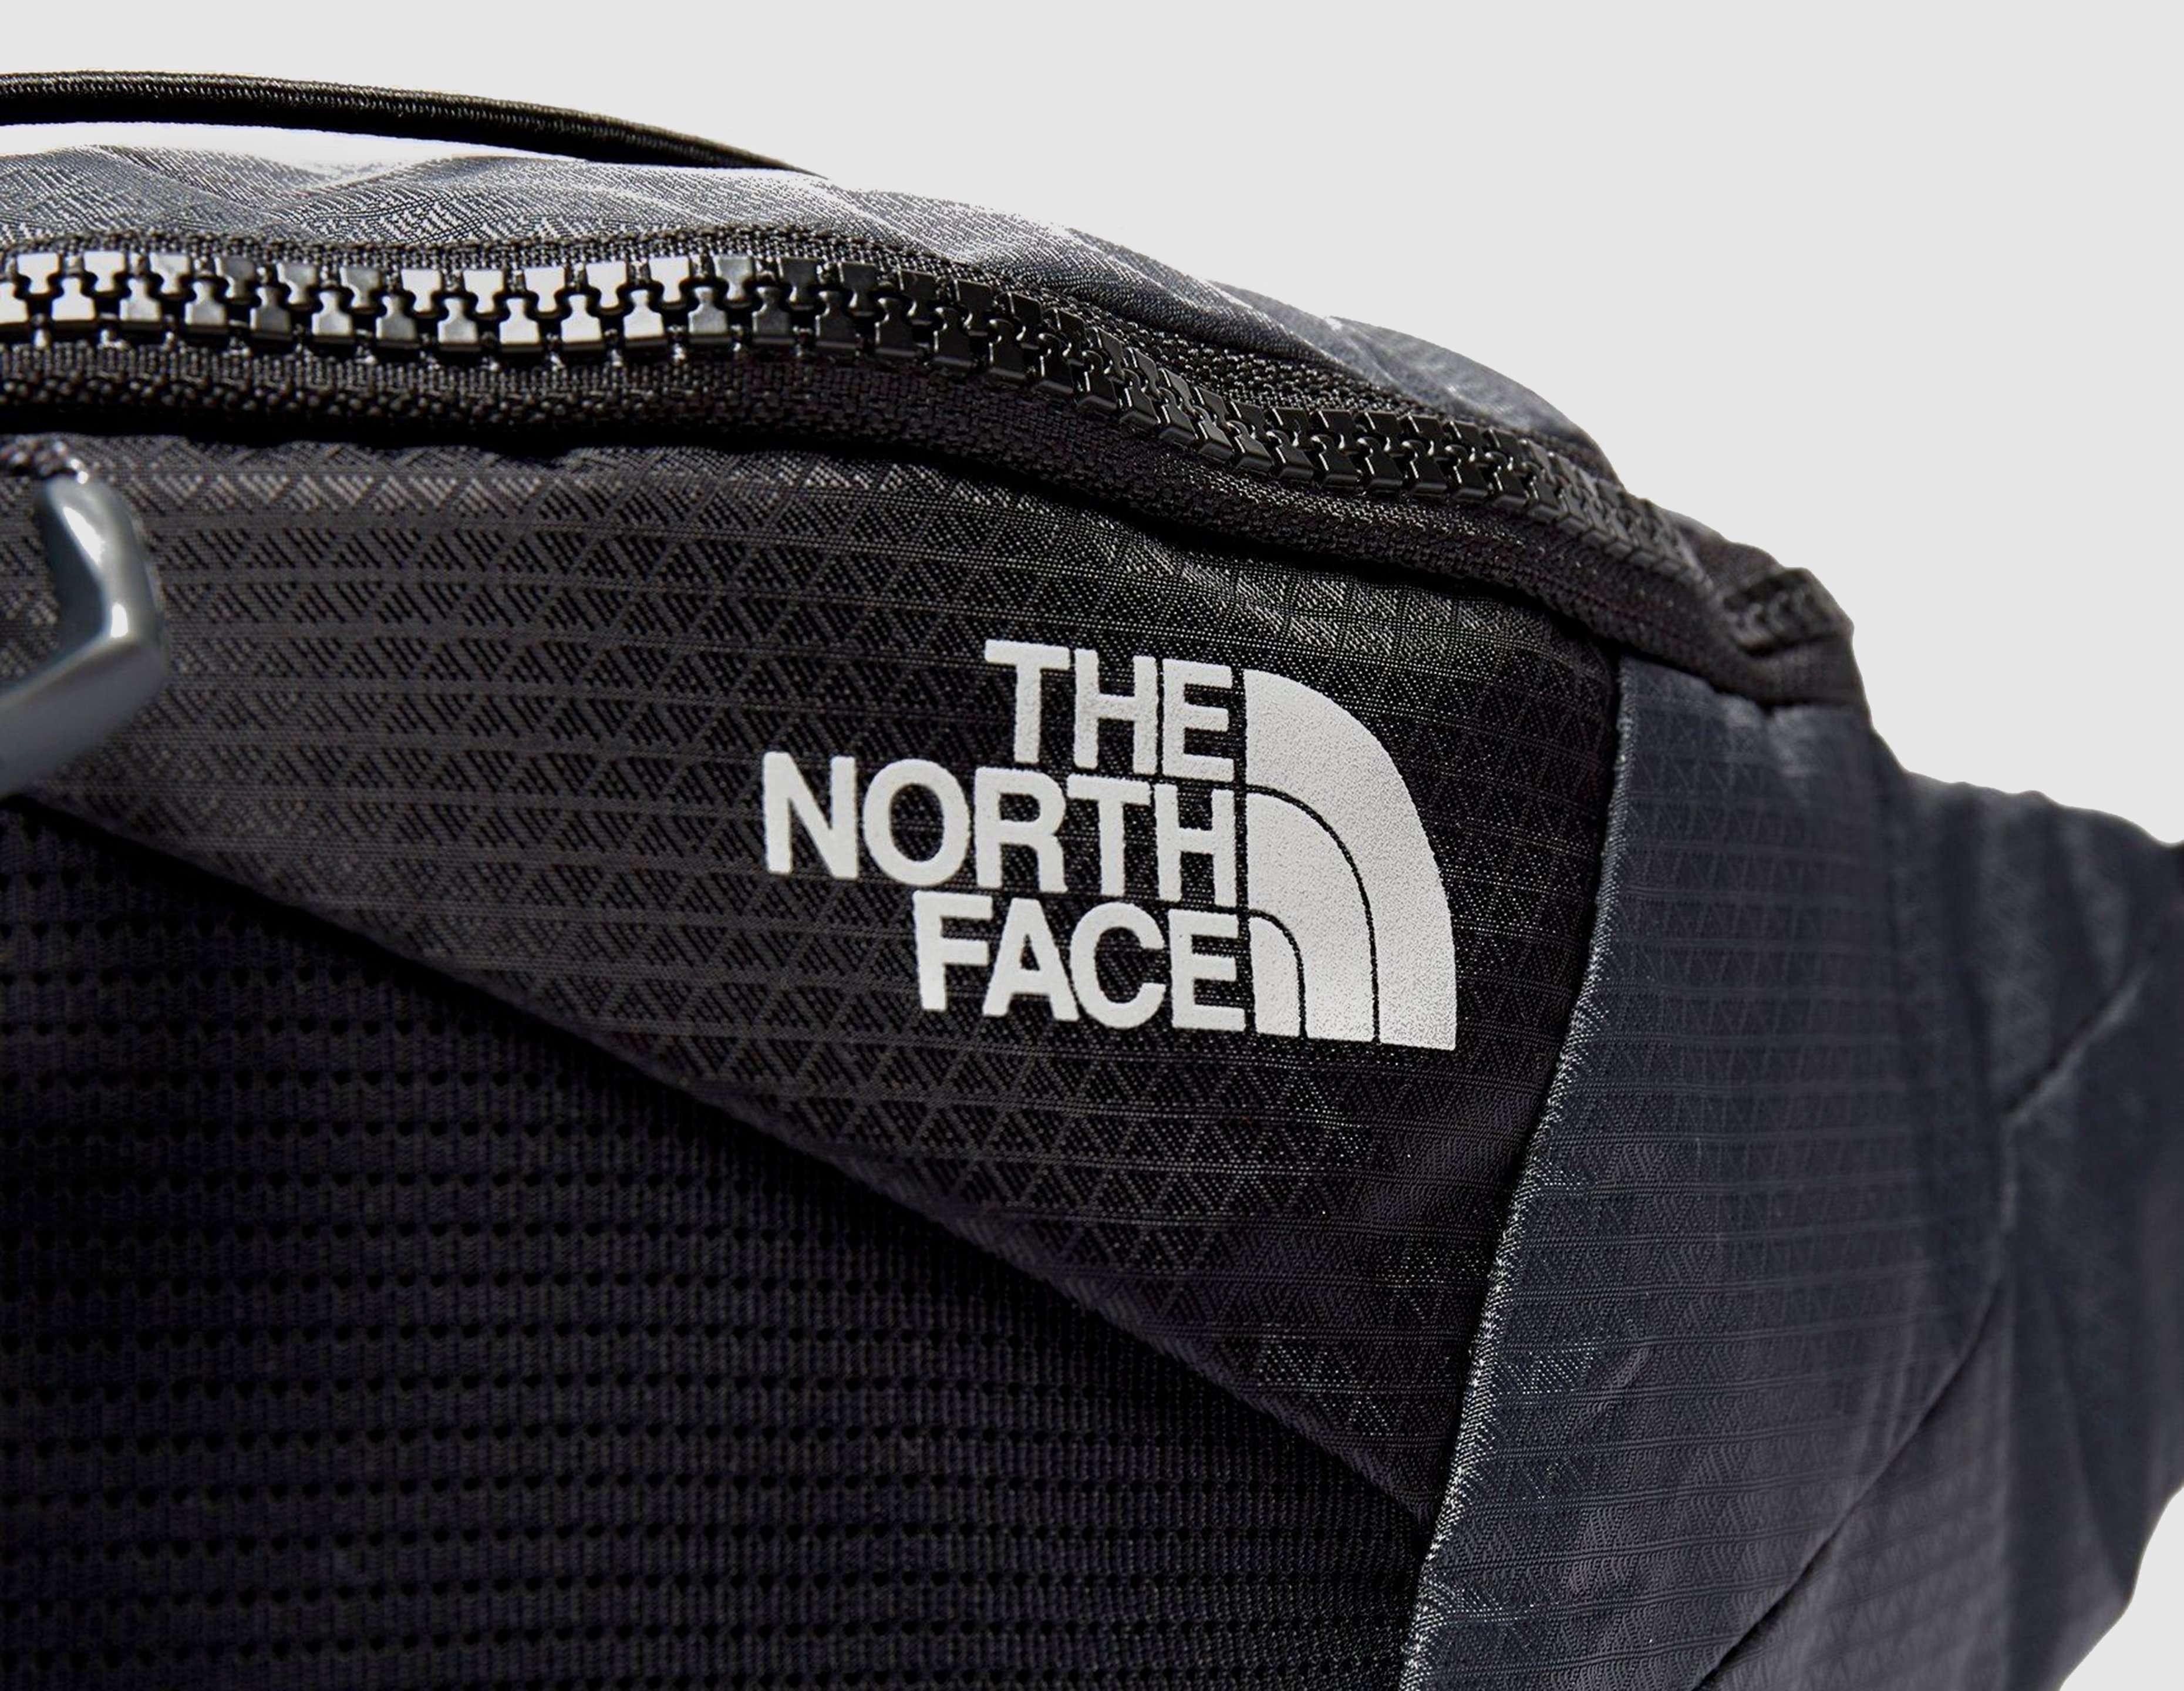 The North Face Lumbnical Lumbar Waist Pack